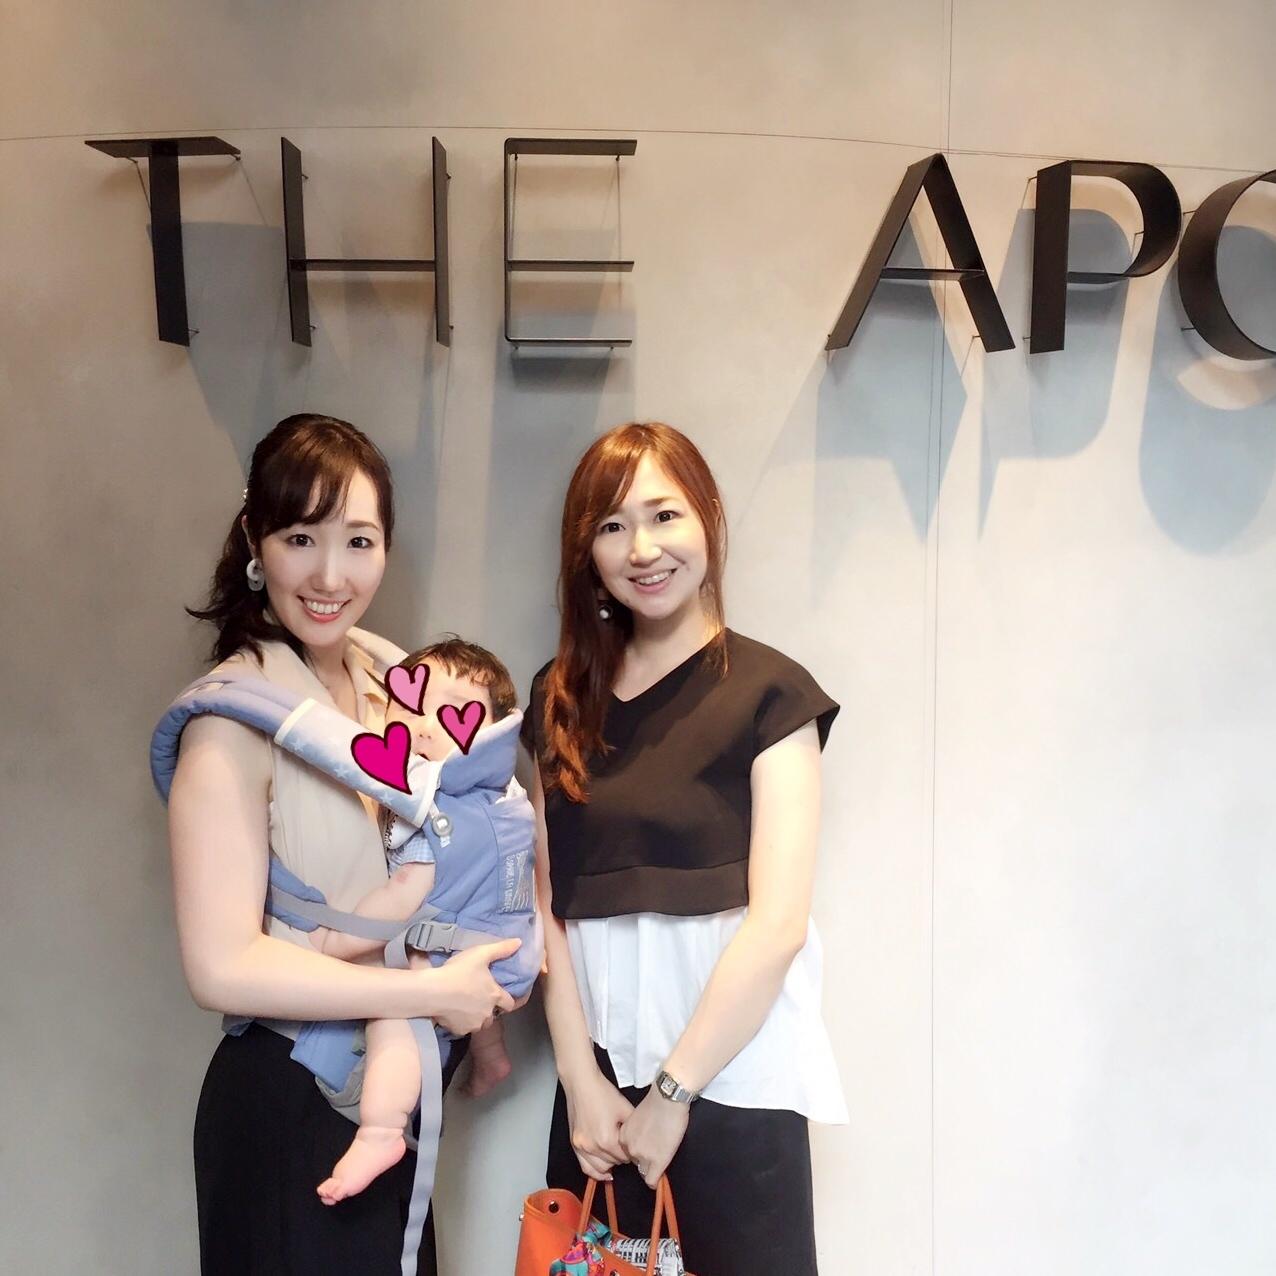 赤ちゃん、子連れOKなレストラン APOLLO で 素敵なランチタイム_1_7